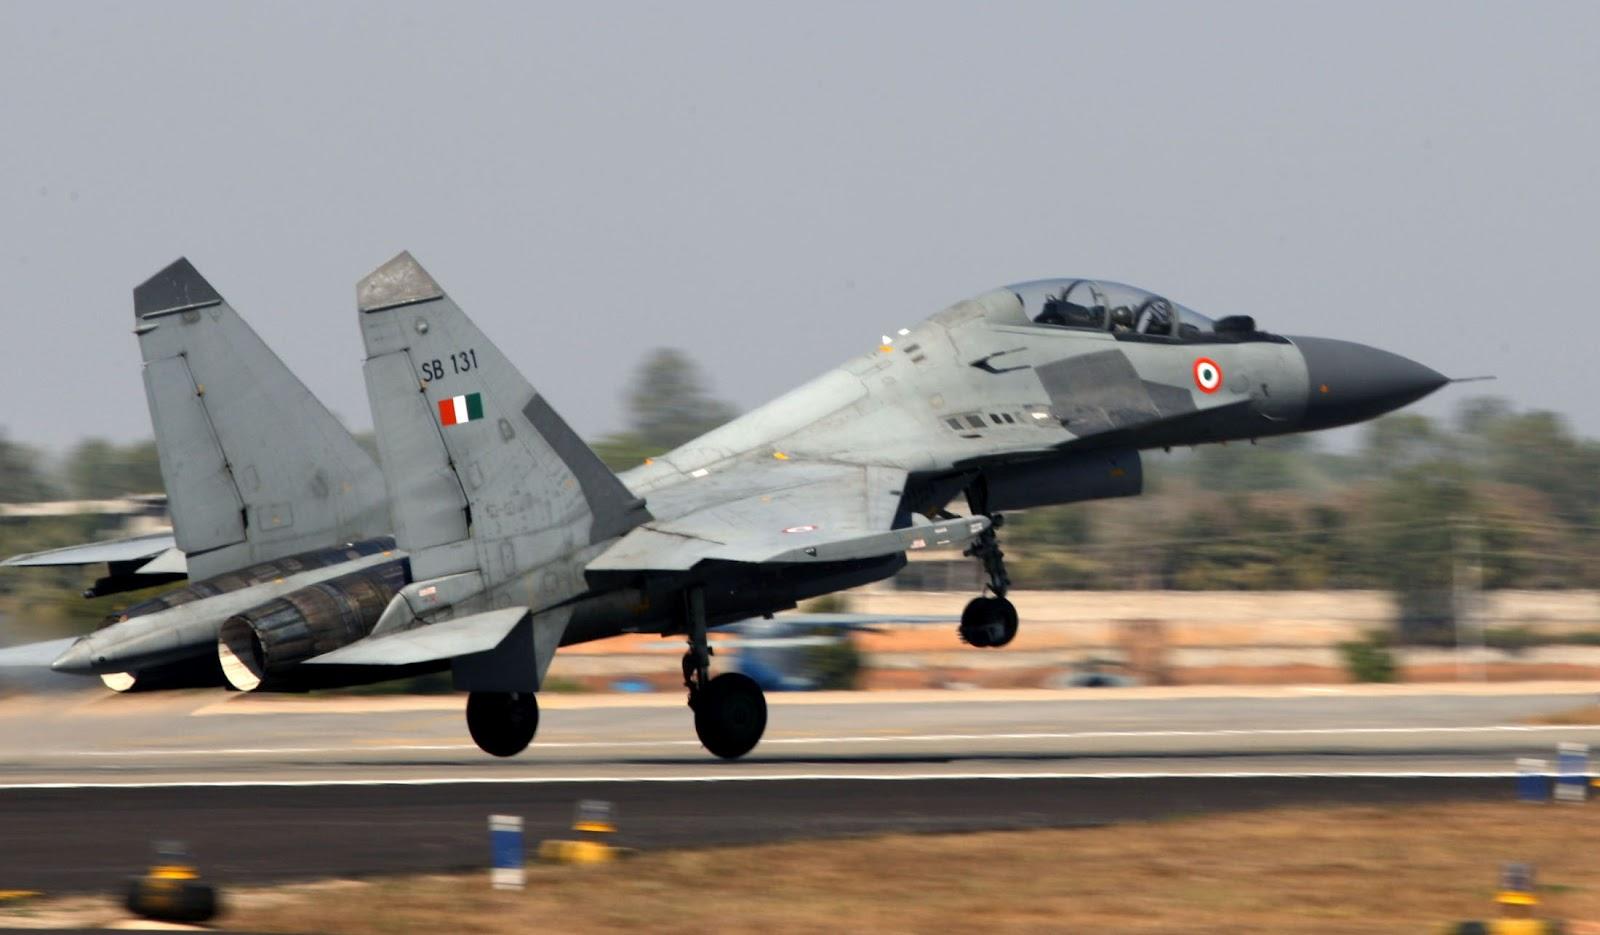 http://2.bp.blogspot.com/-mcTG41z6AuI/UAQQ4XR1CDI/AAAAAAAAKqI/coLFM43M9Fc/s1600/sukhoi_su30mki_indian_air_force.jpg